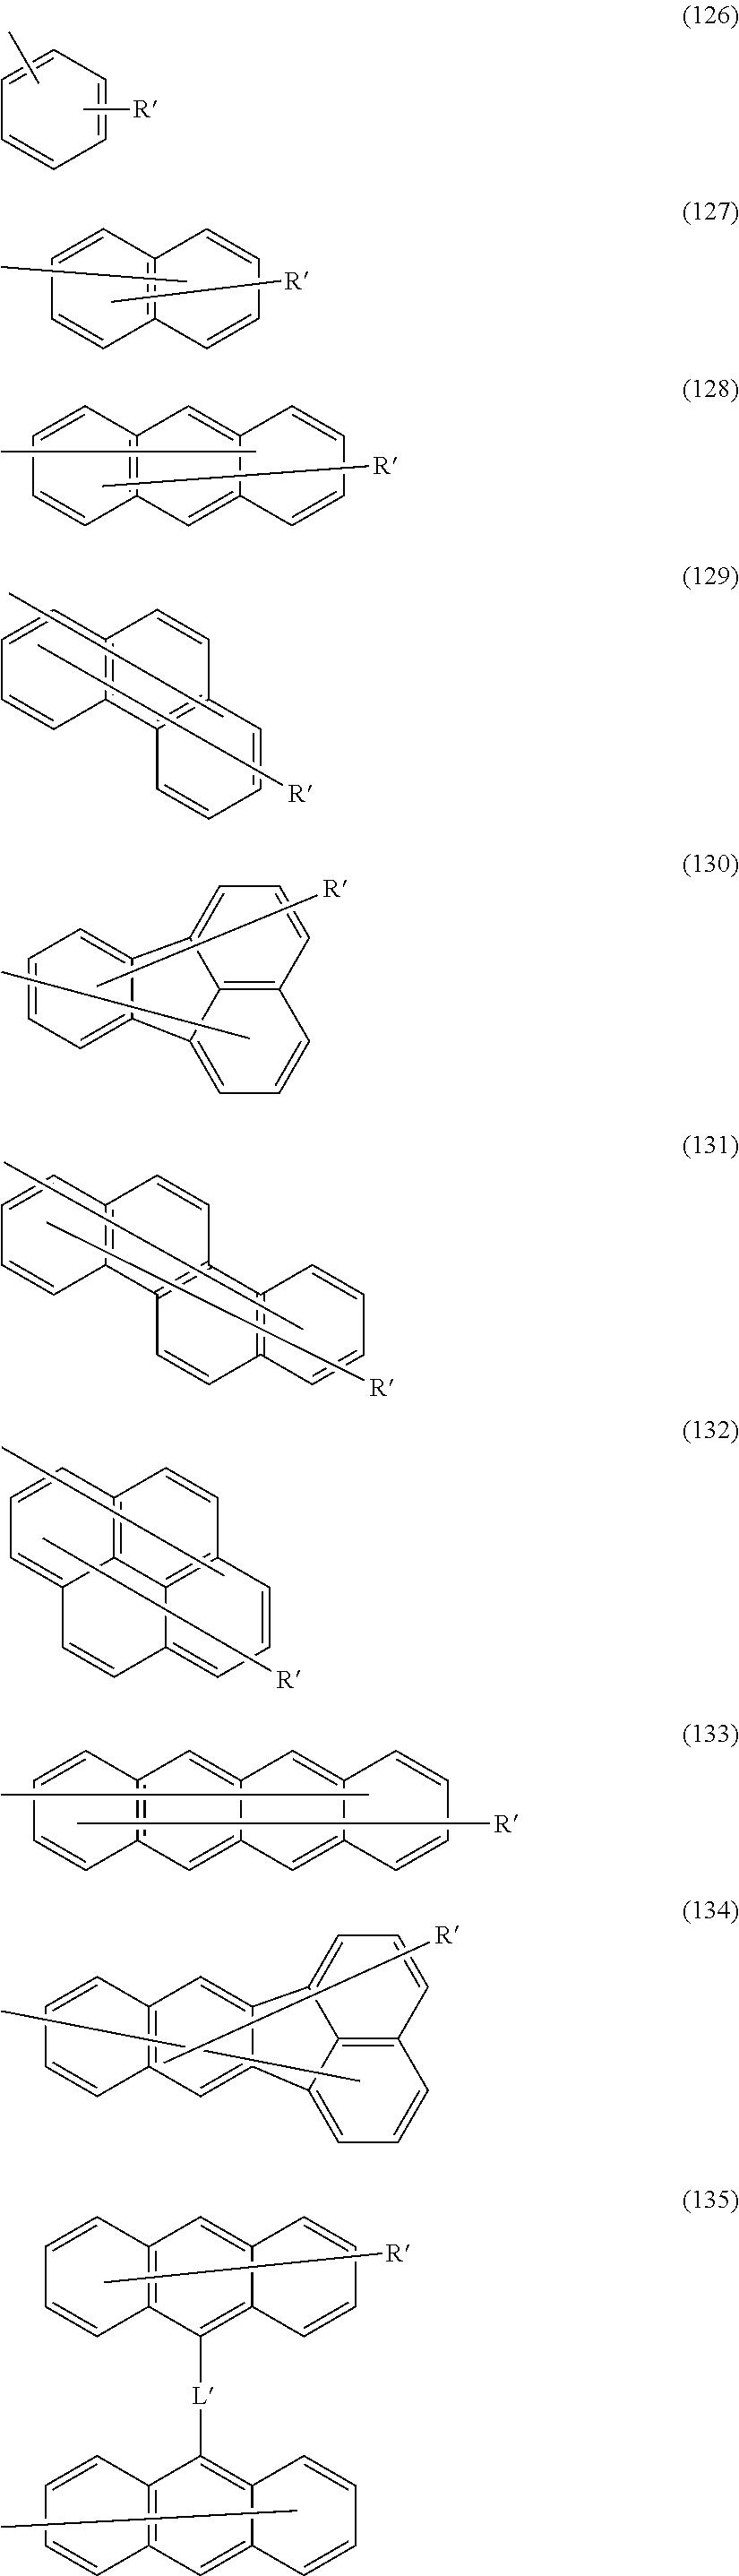 Figure US08779655-20140715-C00049